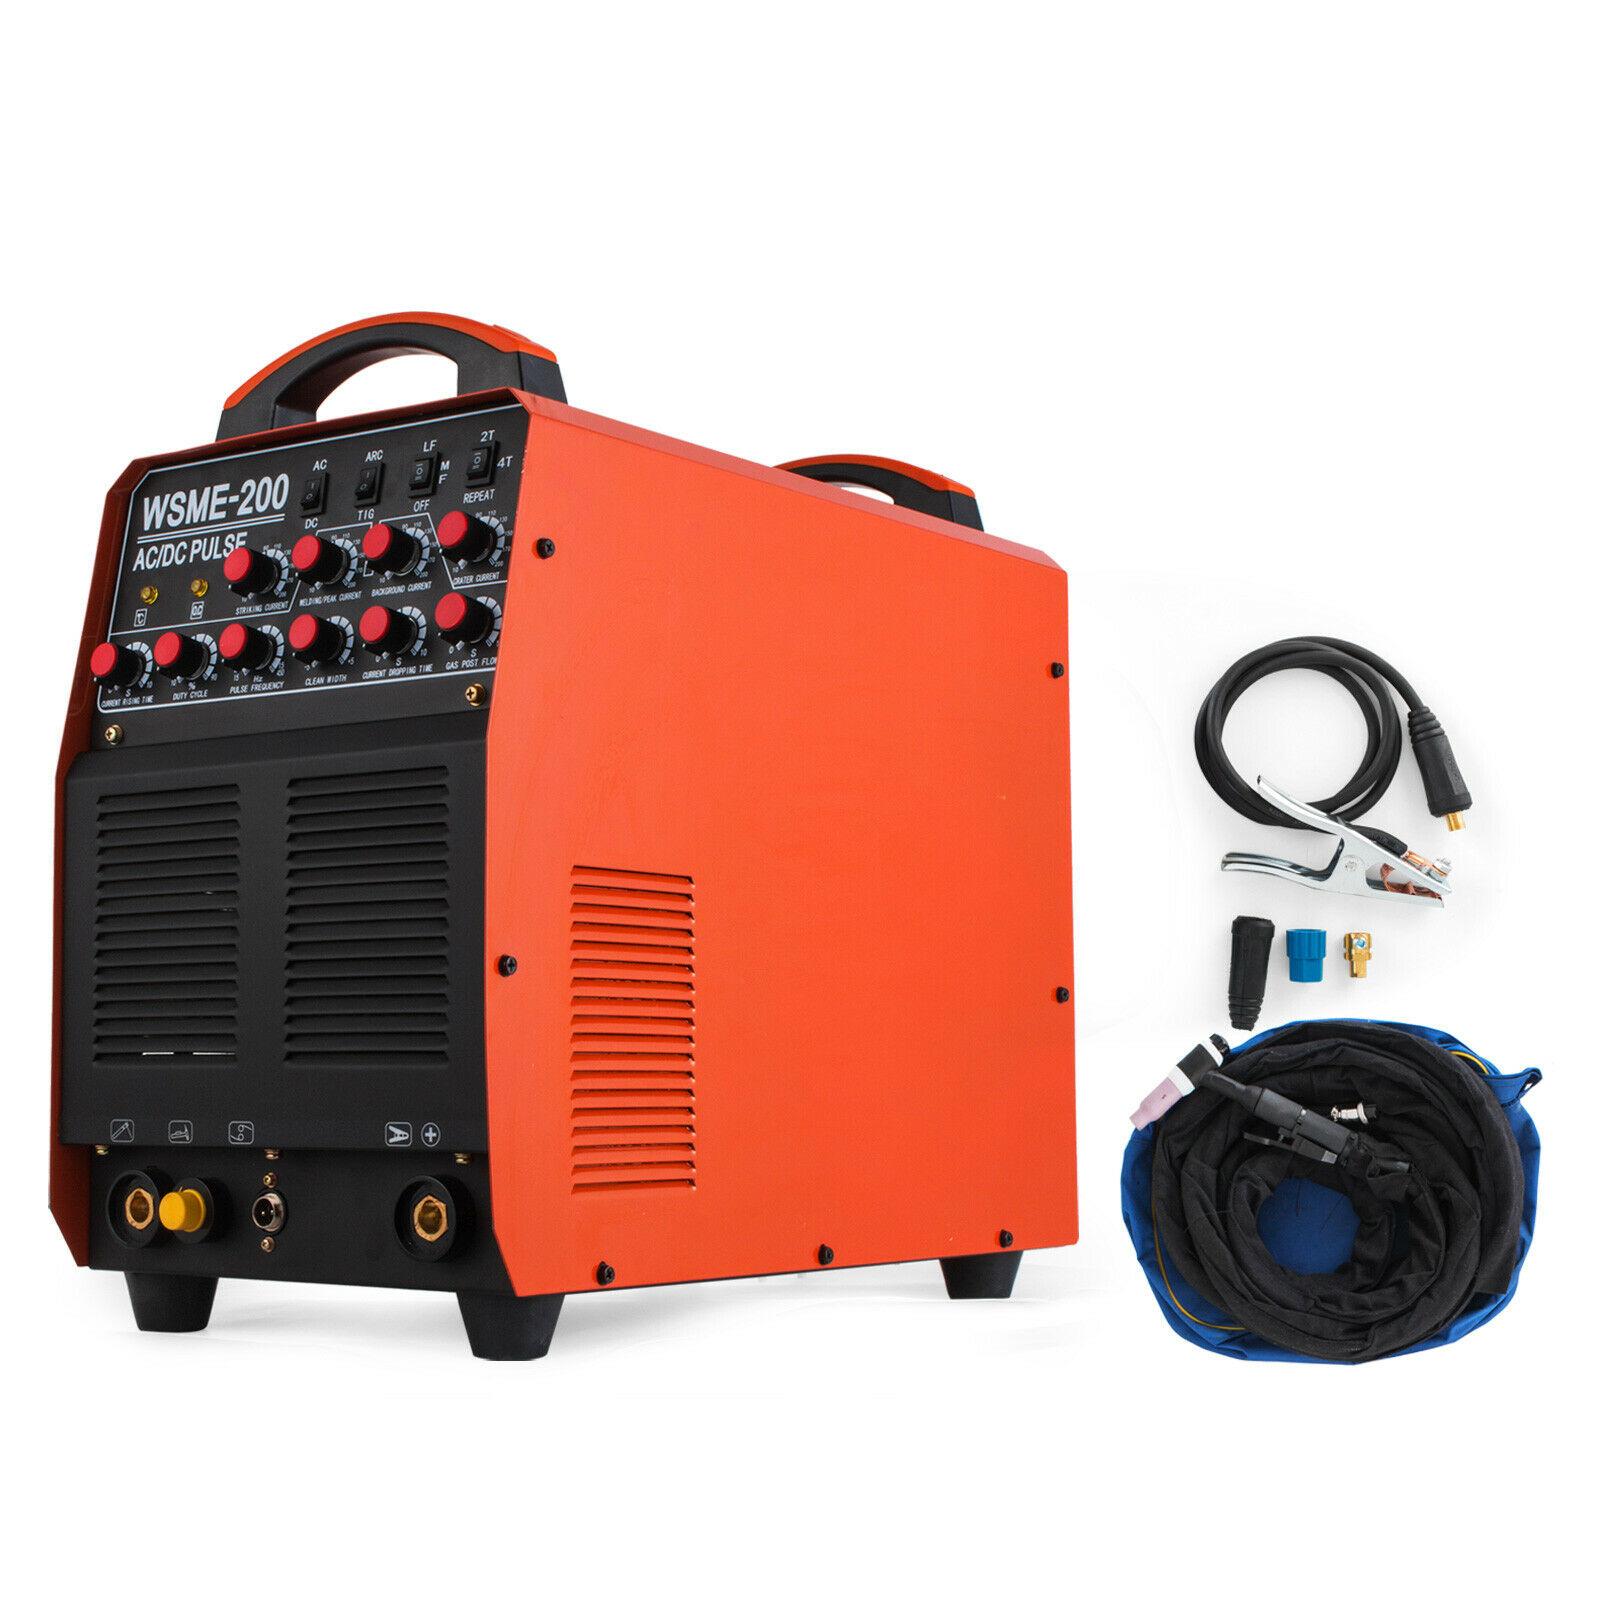 home improvement : SEQURE Mini Electric Screwdriver Smart Repairtools Set with 24 Bits SQ-ES126